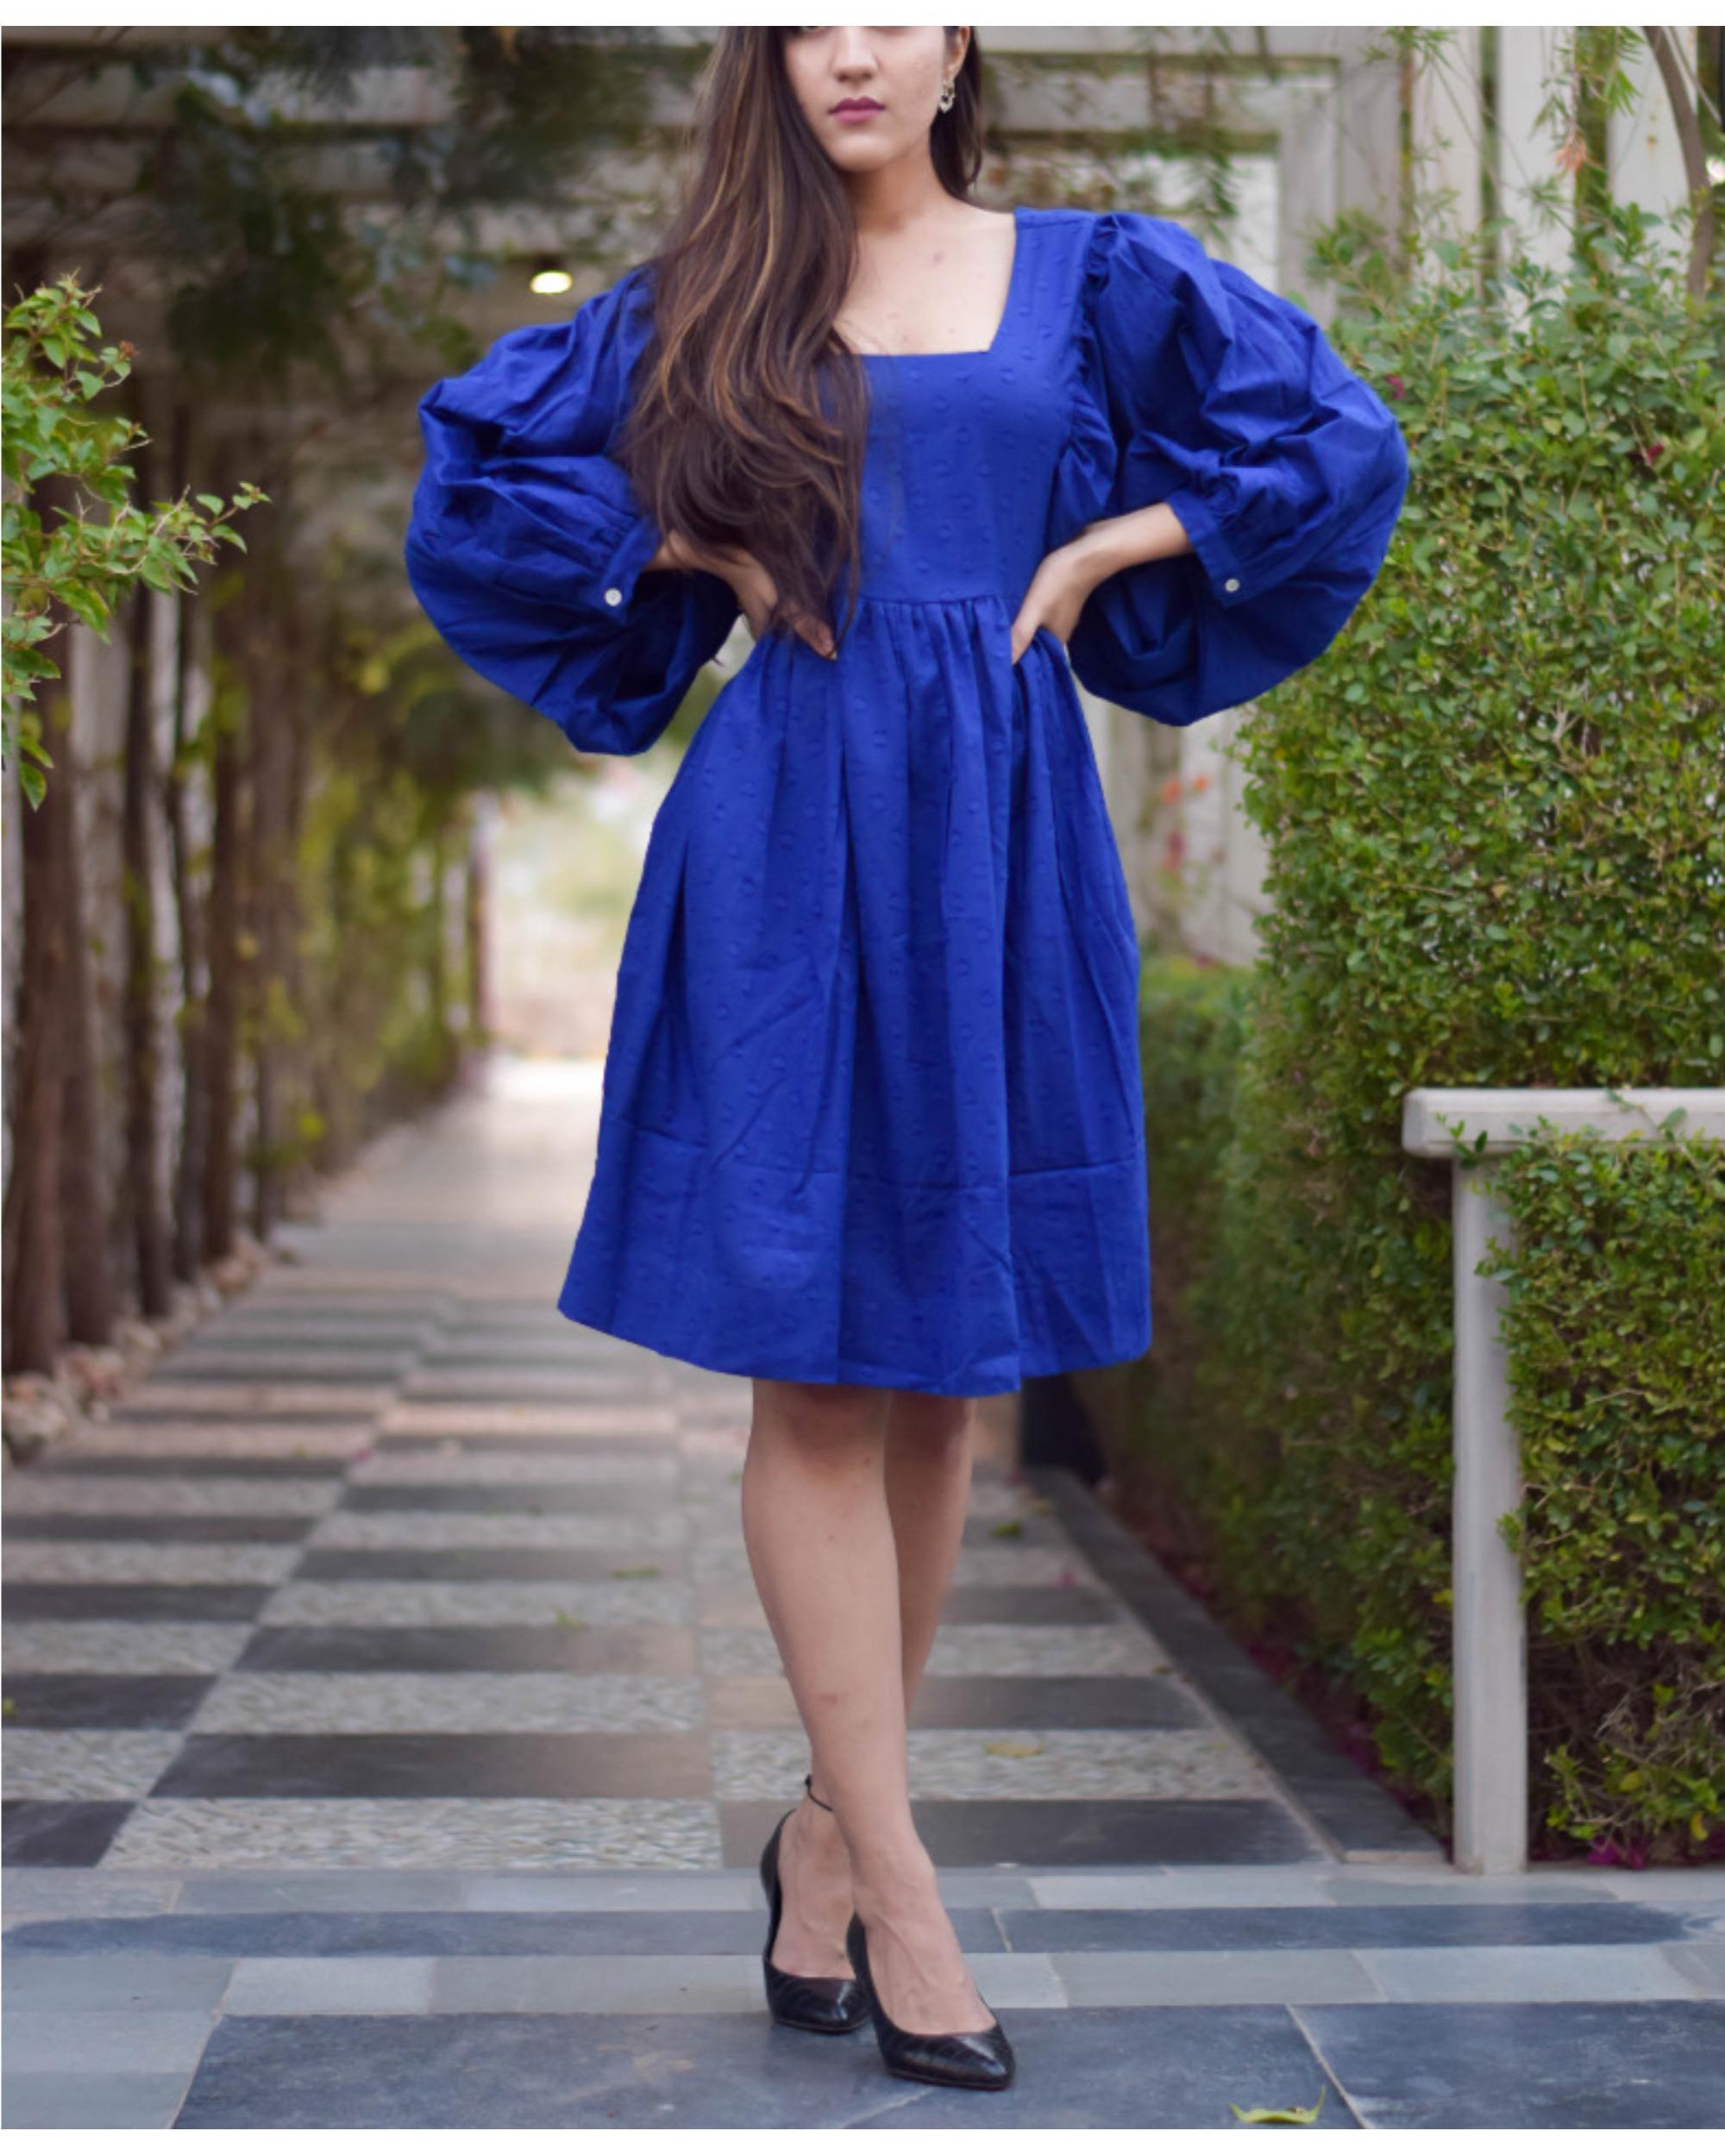 Blue trumpet short dress